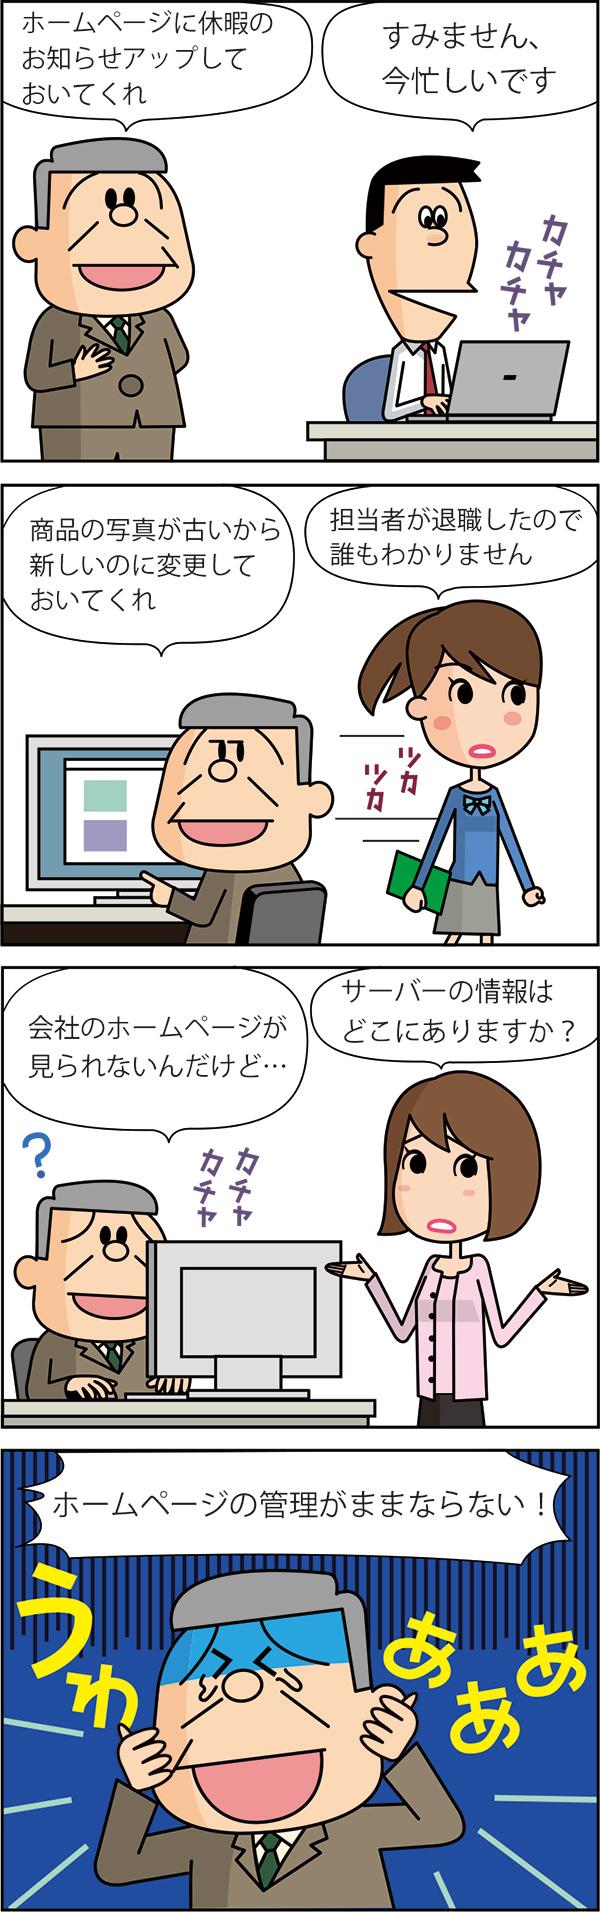 ホームページ管理に関するLP4コマ漫画の画像1枚目